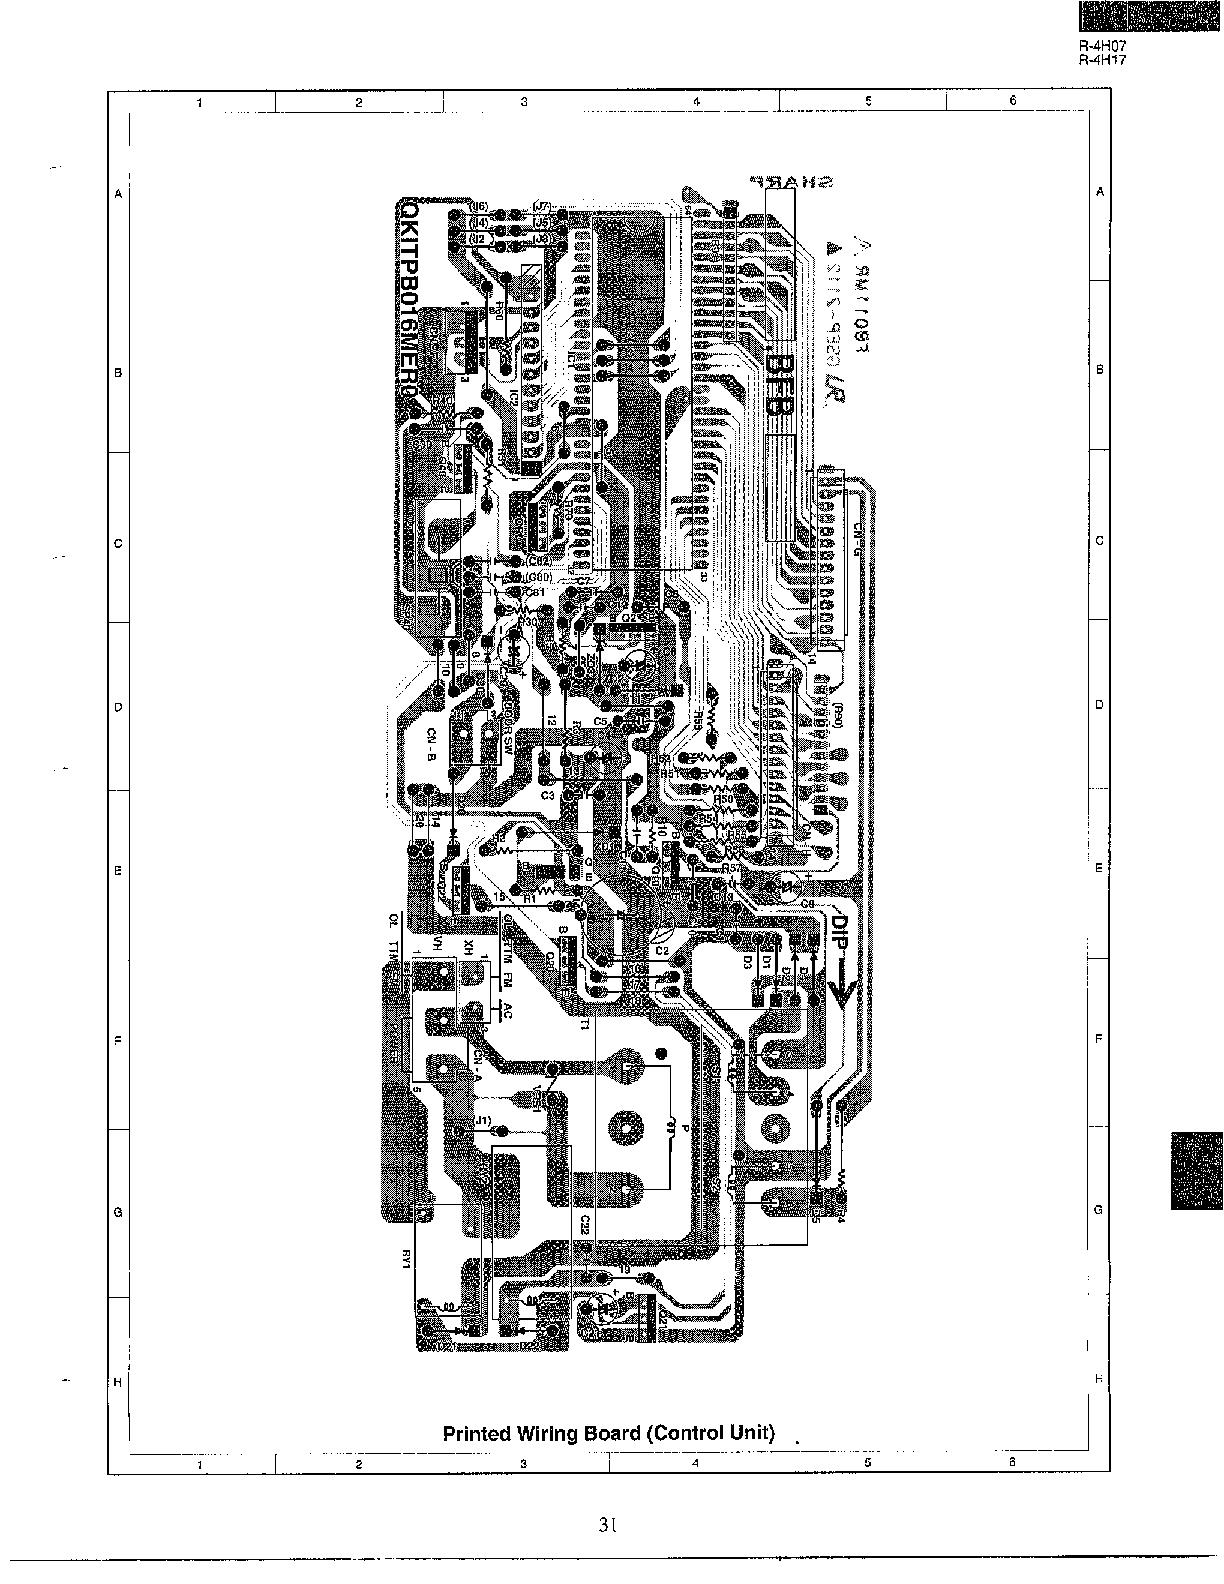 PARTS LIST Diagram & Parts List for Model r4h07 Sharp